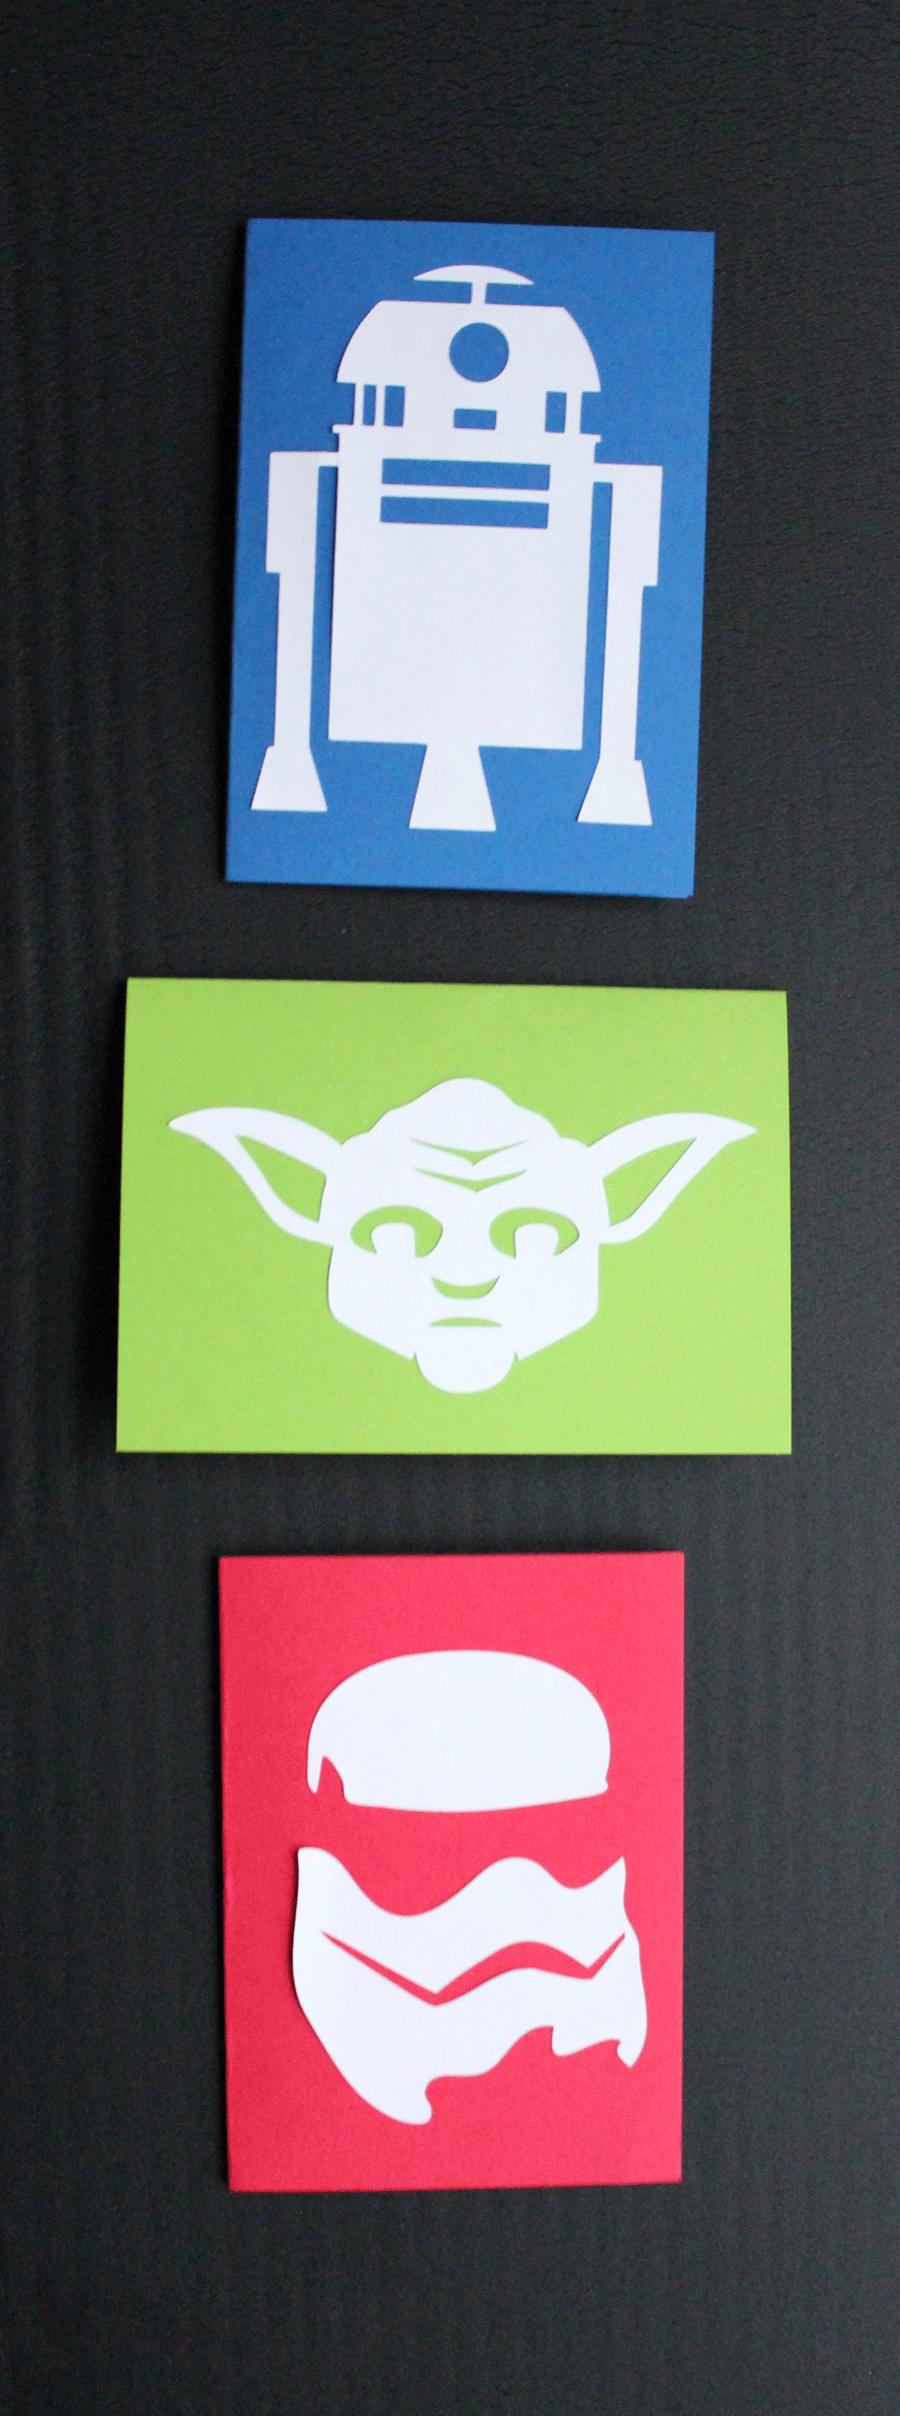 Einladungs- und Glückwunschkarten für große und kleine Star-Wars-Fans